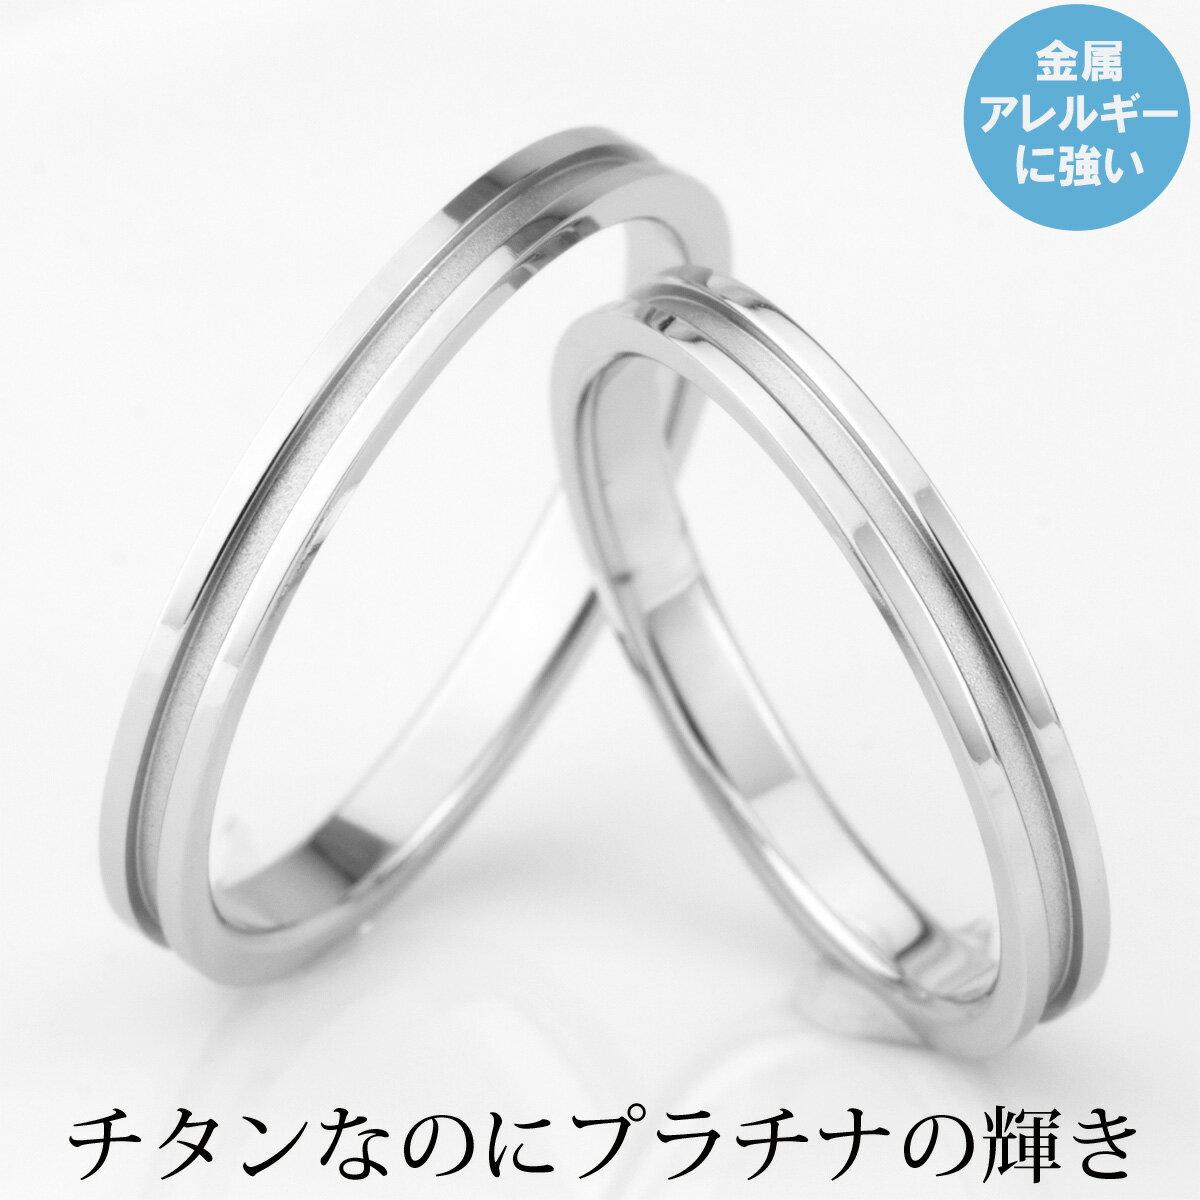 チタン 結婚指輪 純チタン マリッジリング 日本製 鏡面仕上げ ペアリング ペアセット プラチナイオンプレーティング加工 刻印無料(文字彫り) 金属アレルギーにも強い アレルギーフリー 安心 ブライダルリング 刻印可能